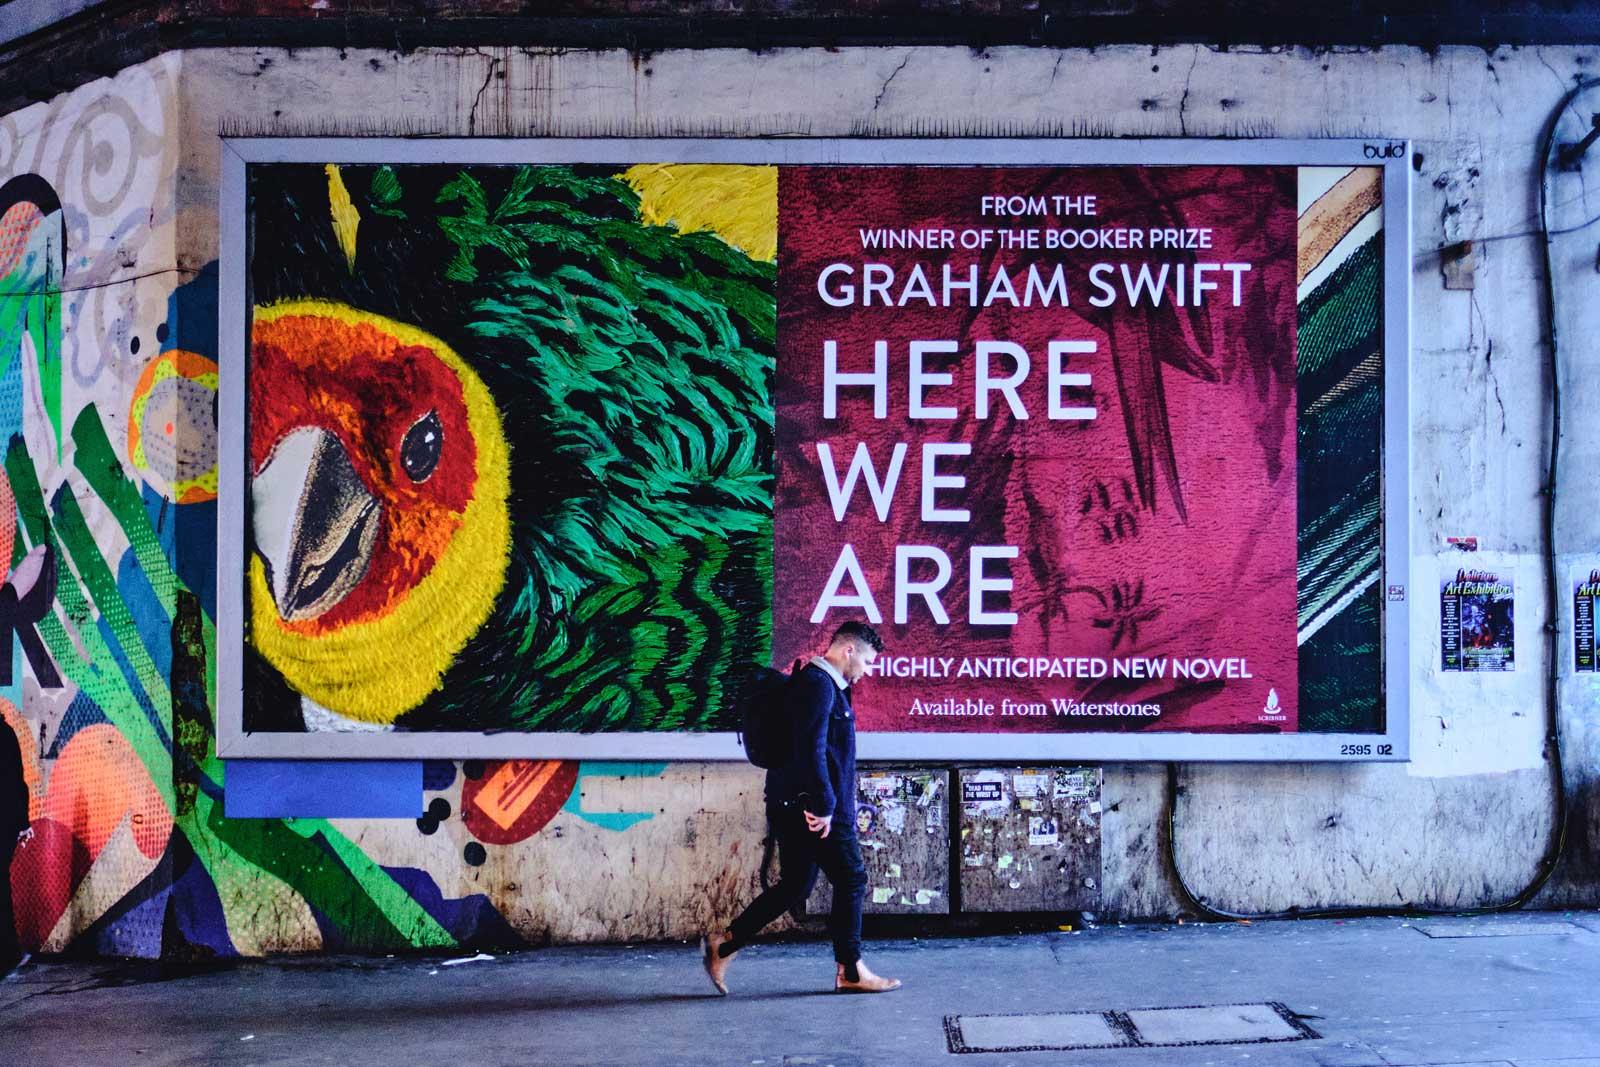 Here We Are: Graham Swift